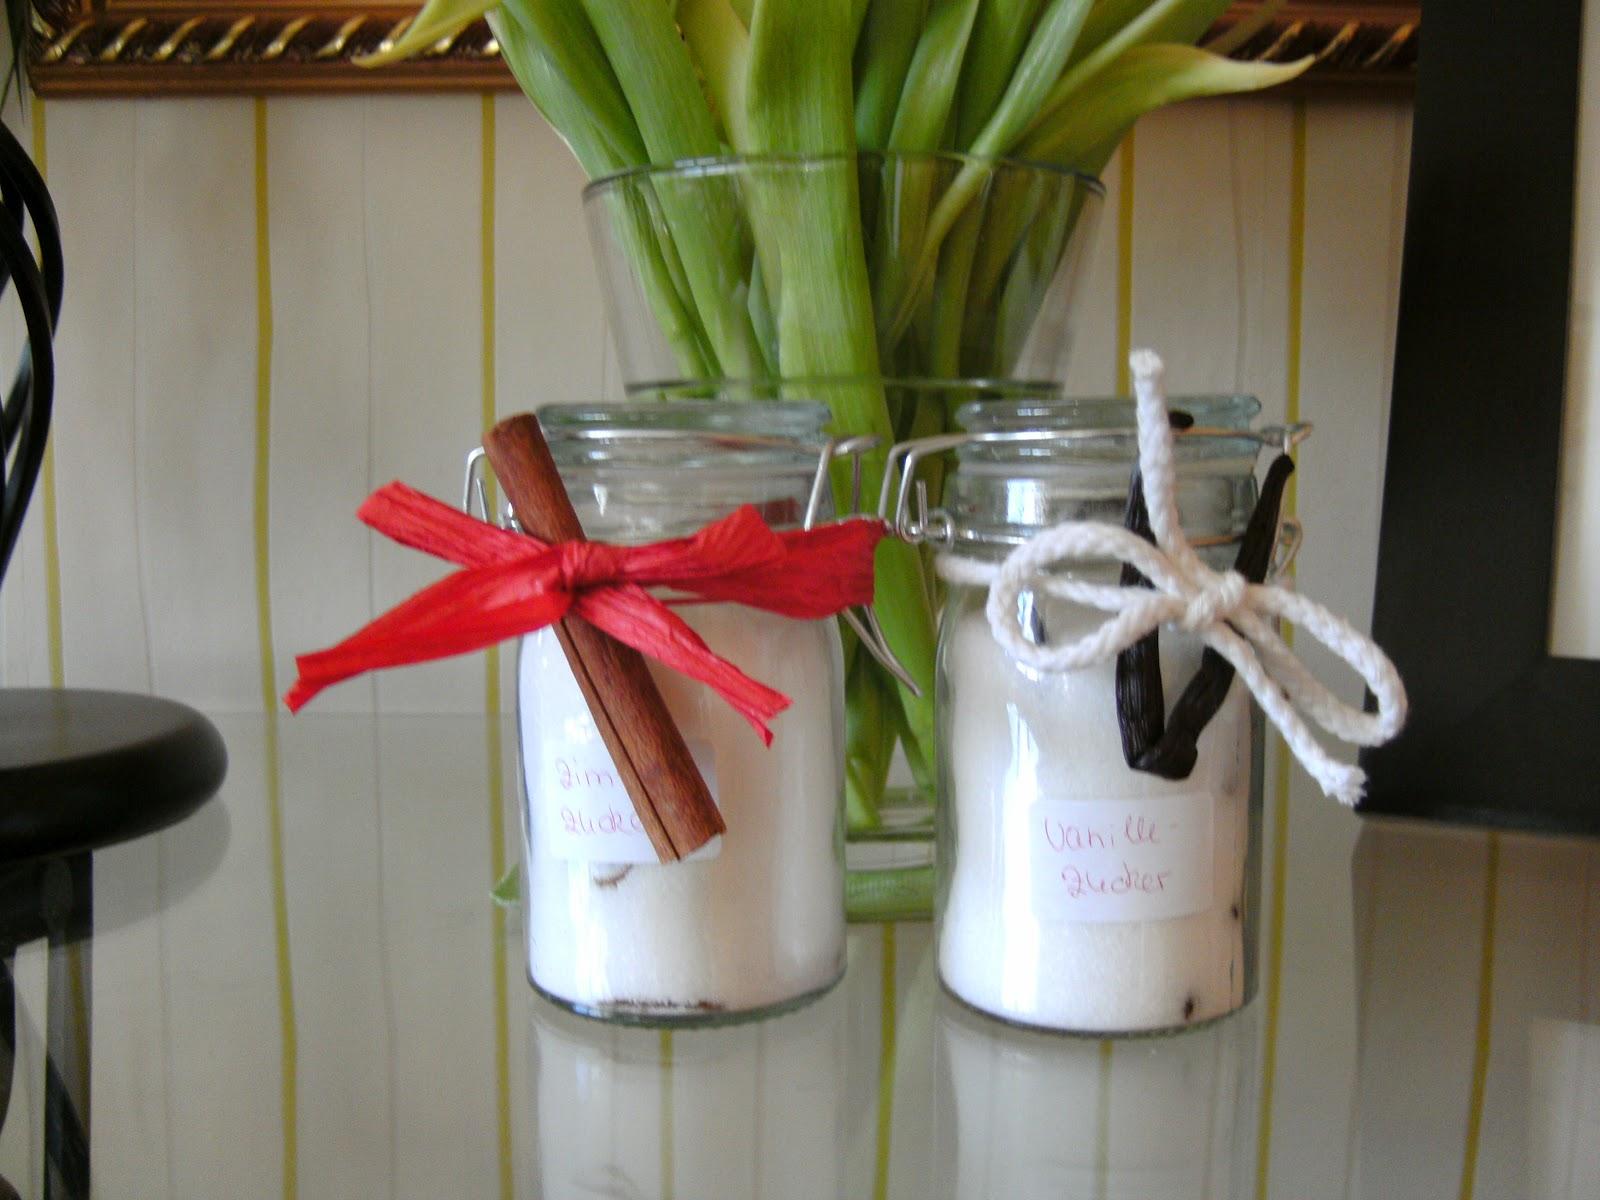 l i ebenswert kleine geschenke aus der k che zuckervariationen. Black Bedroom Furniture Sets. Home Design Ideas